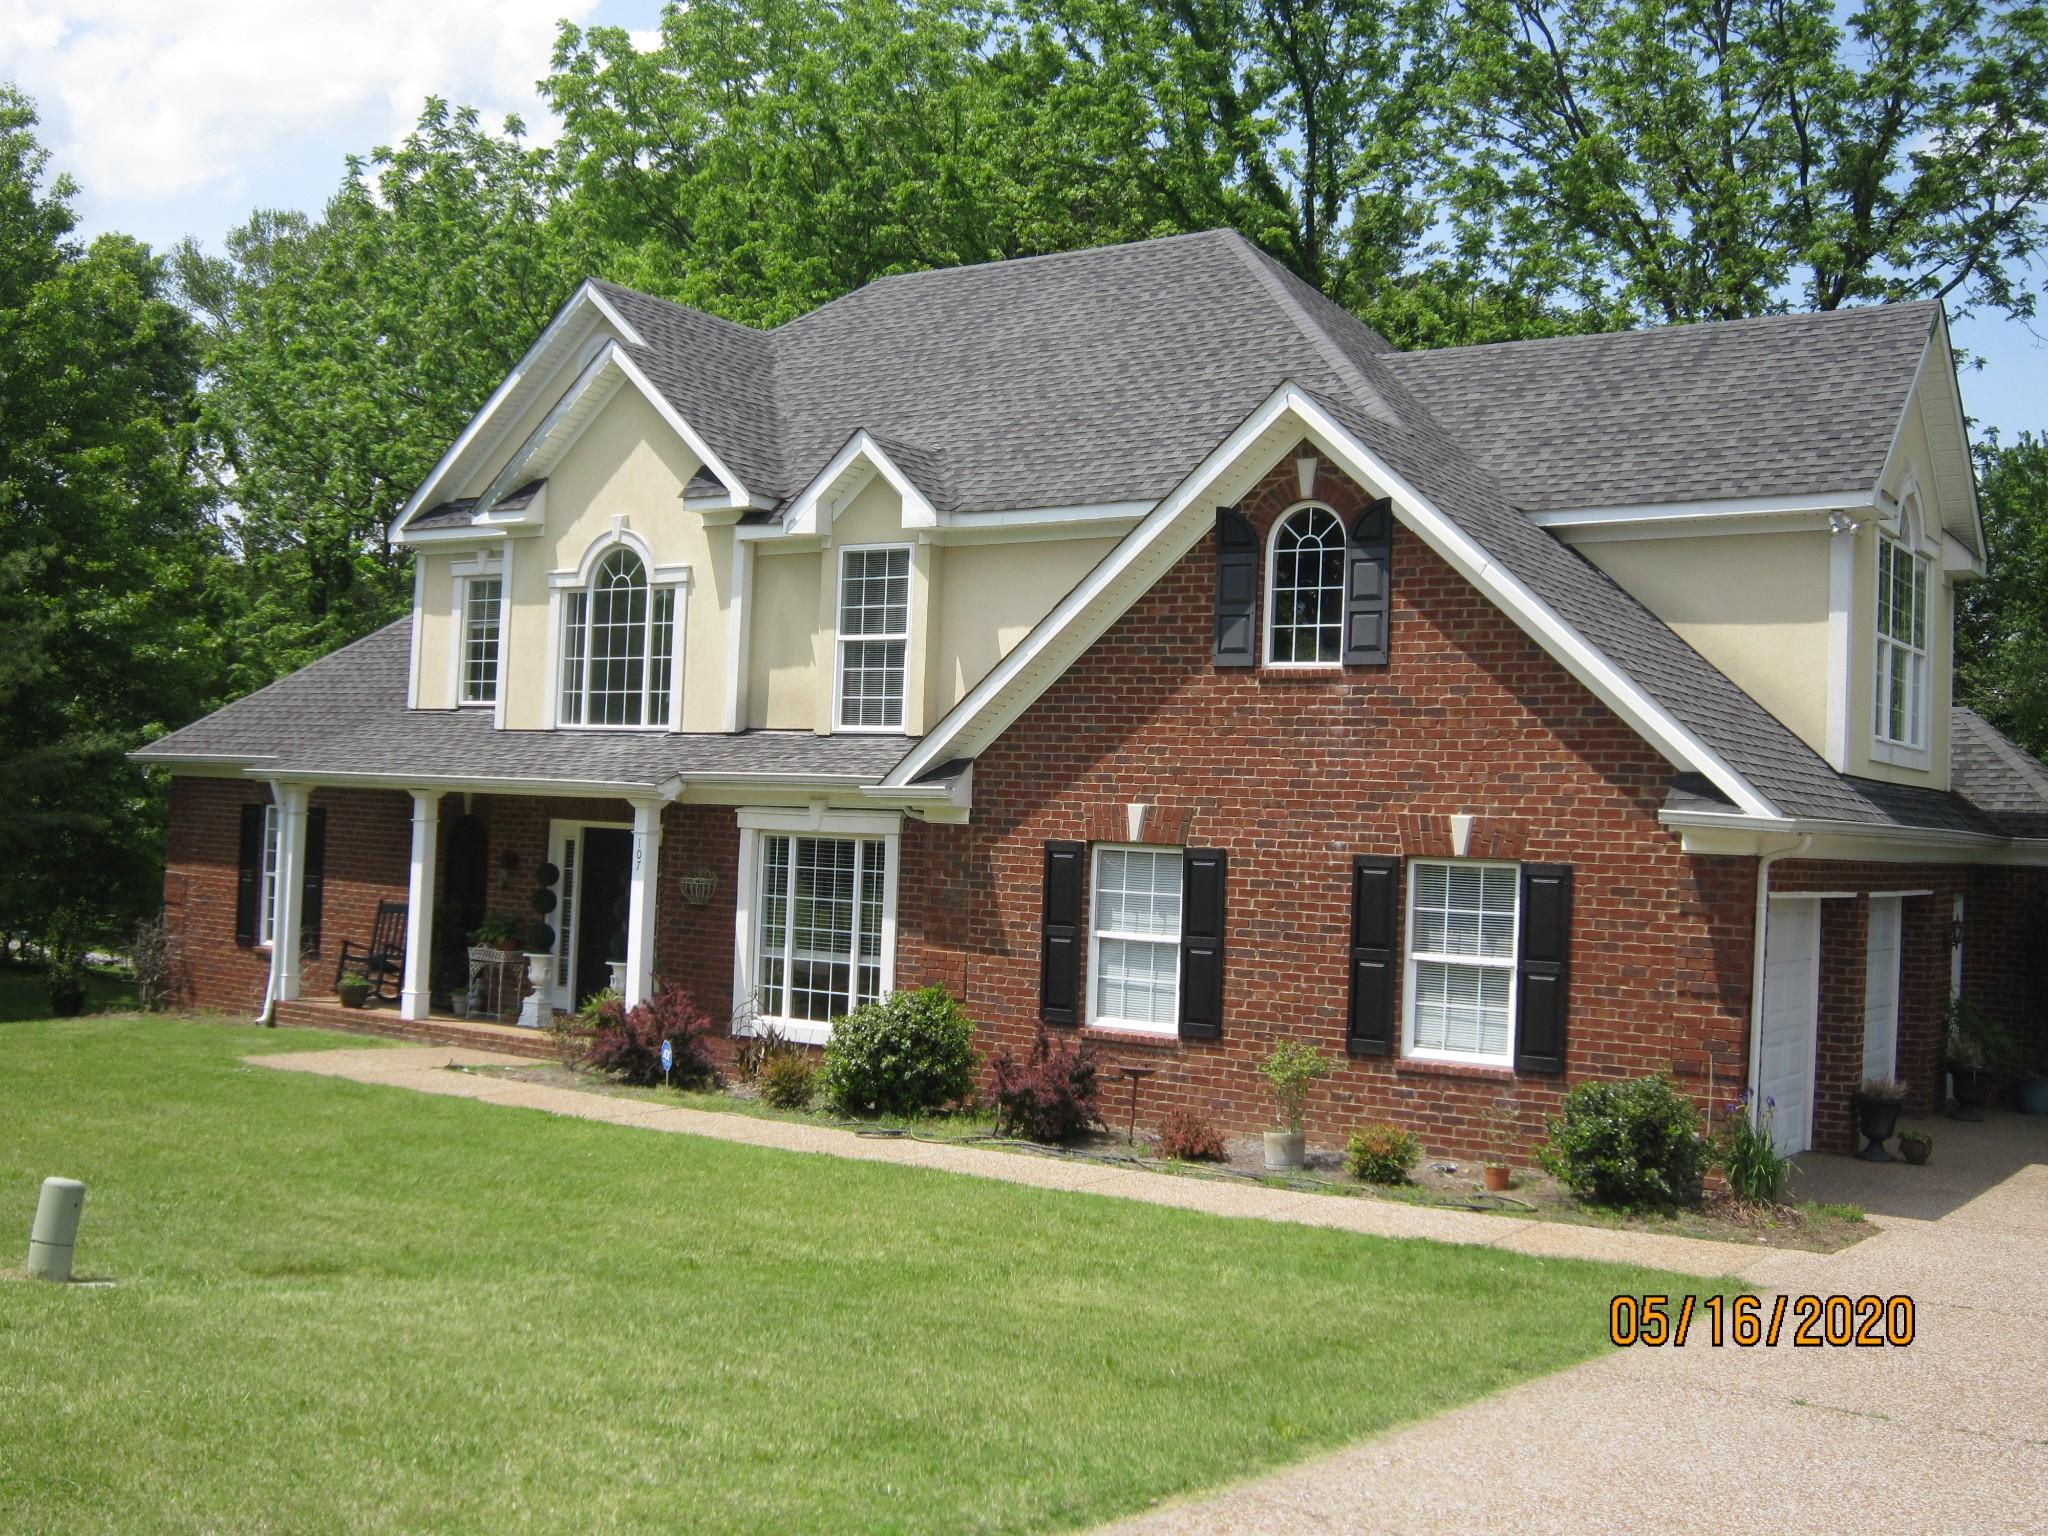 107 Millstone Way, White House, TN 37188 - White House, TN real estate listing